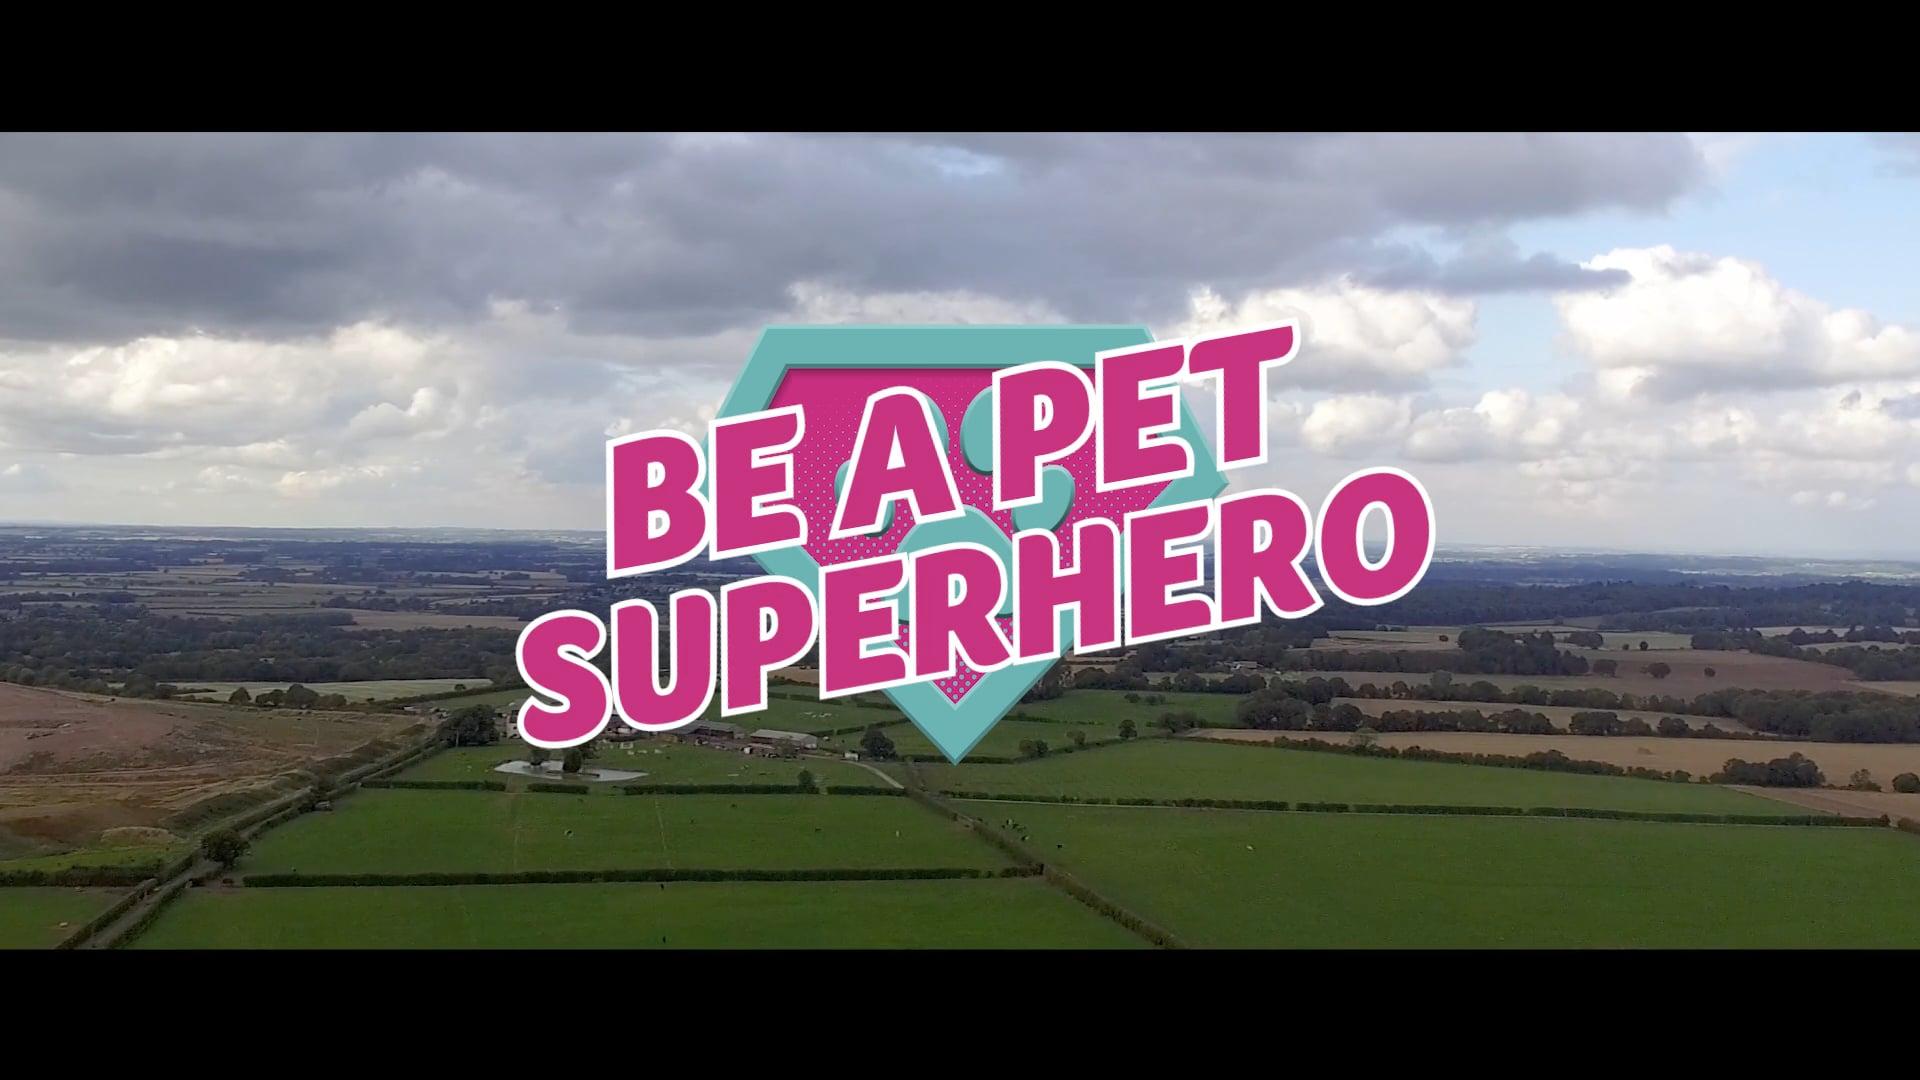 PDSA 'Be a Pet Superhero' Ad - Directors Cut